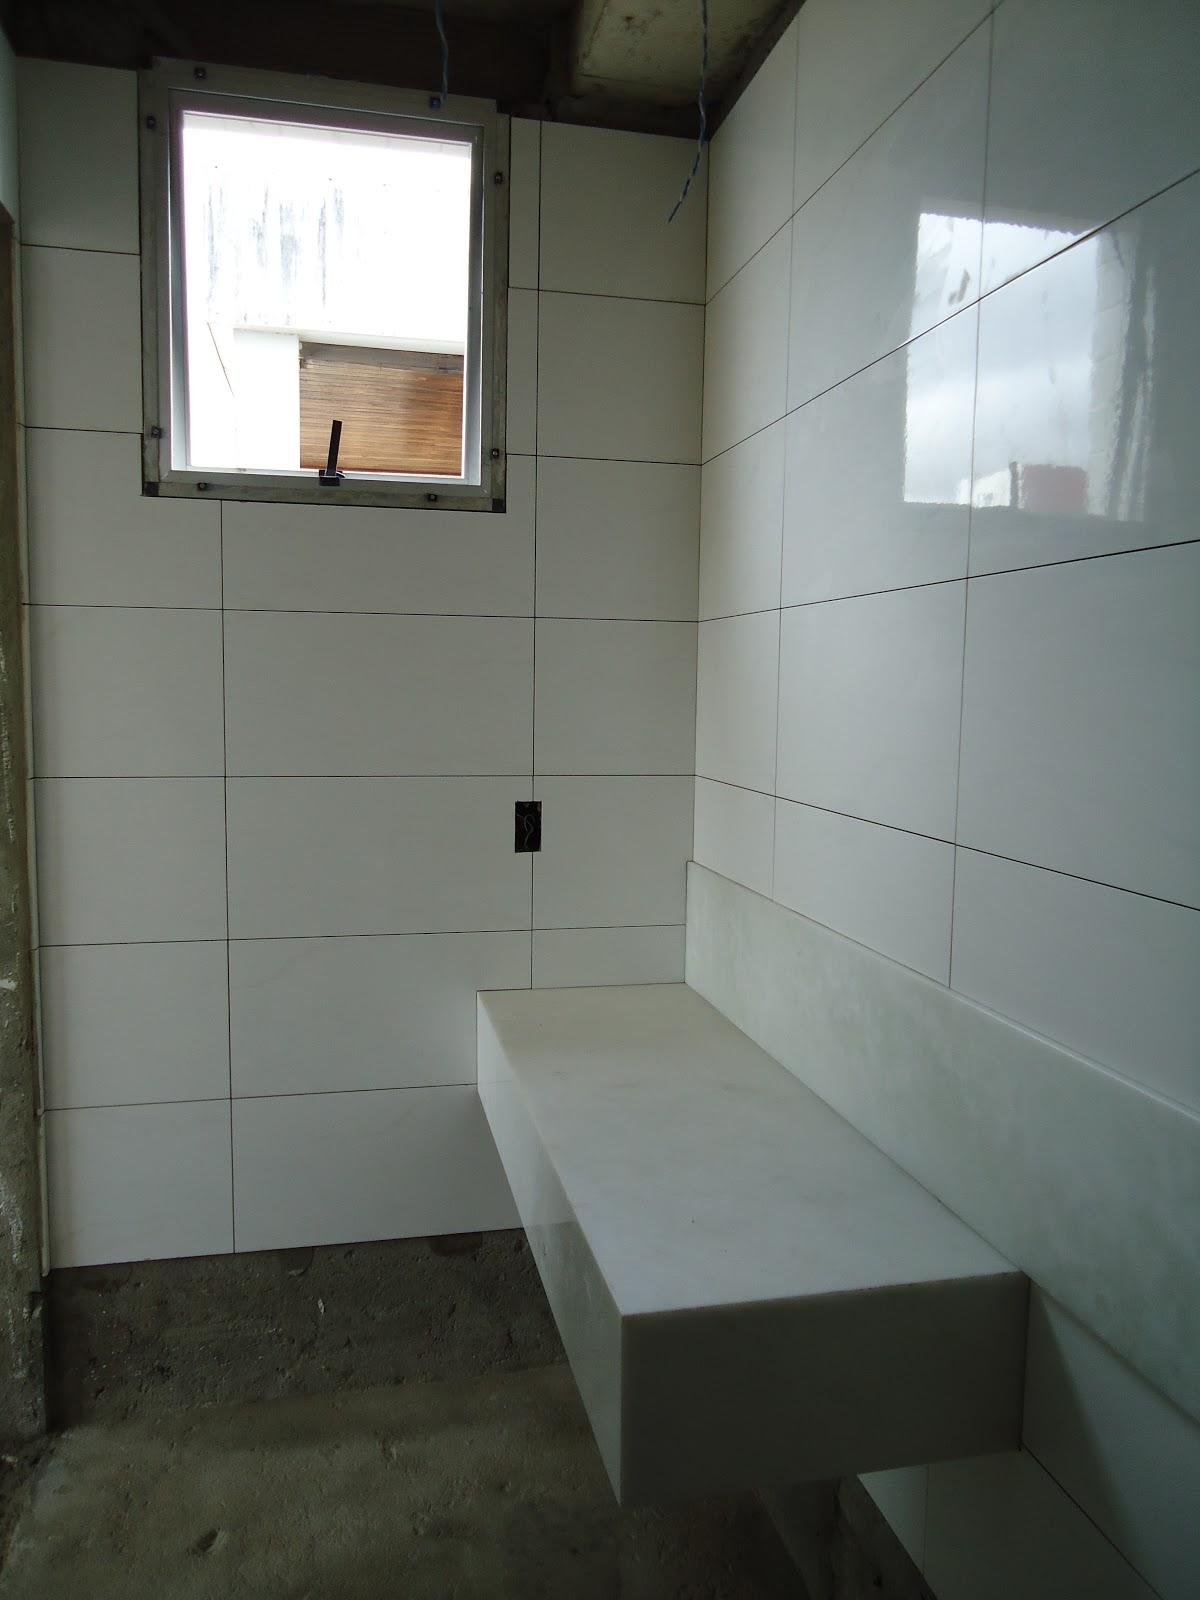 Como se começa uma FAMÍLIA: Banheiro Casal Fotos (durante) #826549 1200x1600 Bancada Banheiro Saia